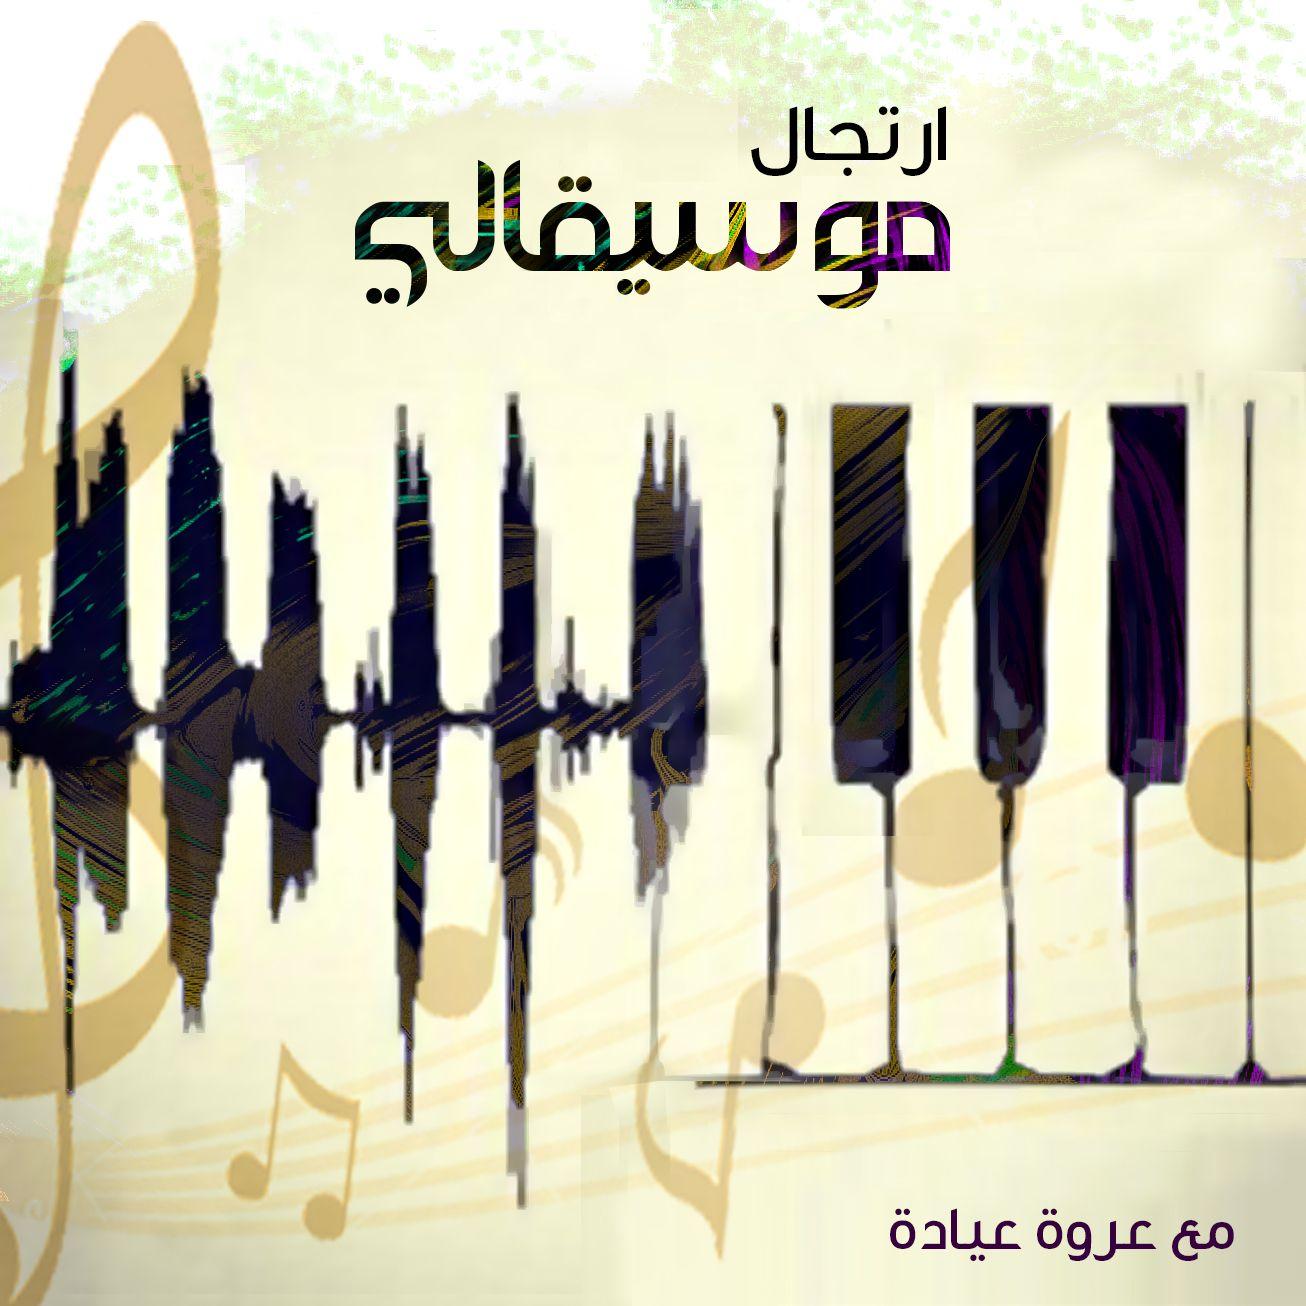 موسيقى سوريا الجديدة - ارتجال 124